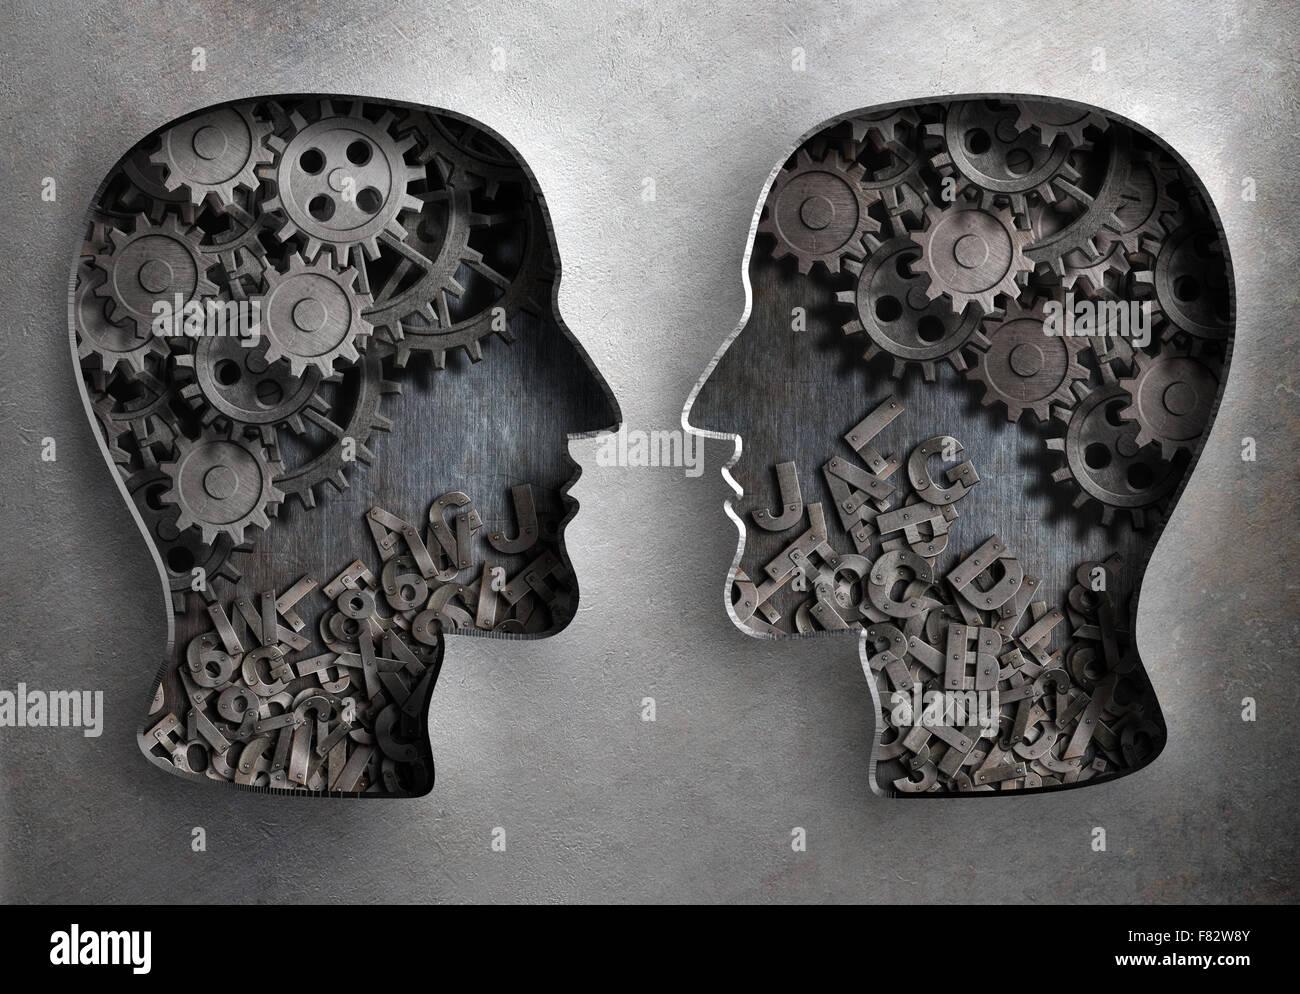 El diálogo o la comunicación, la información y el intercambio de conocimientos Imagen De Stock